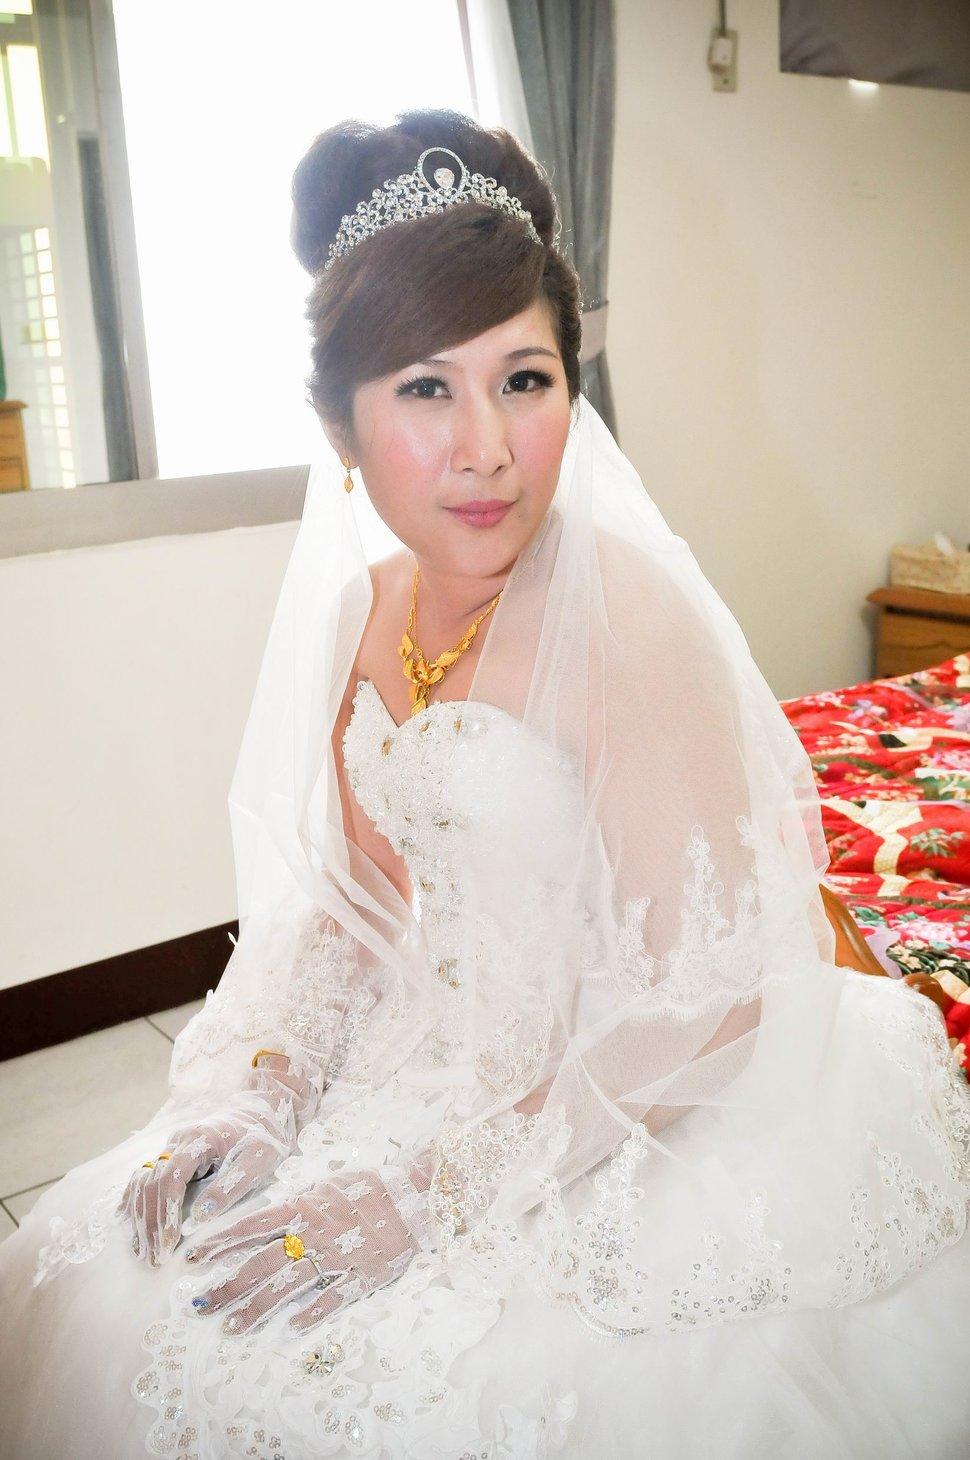 專業婚攝婚禮紀錄婚禮紀錄專業錄影婚禮錄影婚禮記錄動態微電影錄影專業錄影平面攝影婚攝婚禮主持人(編號:280490) - 蜜月拍照10800錄影12800攝影團隊 - 結婚吧